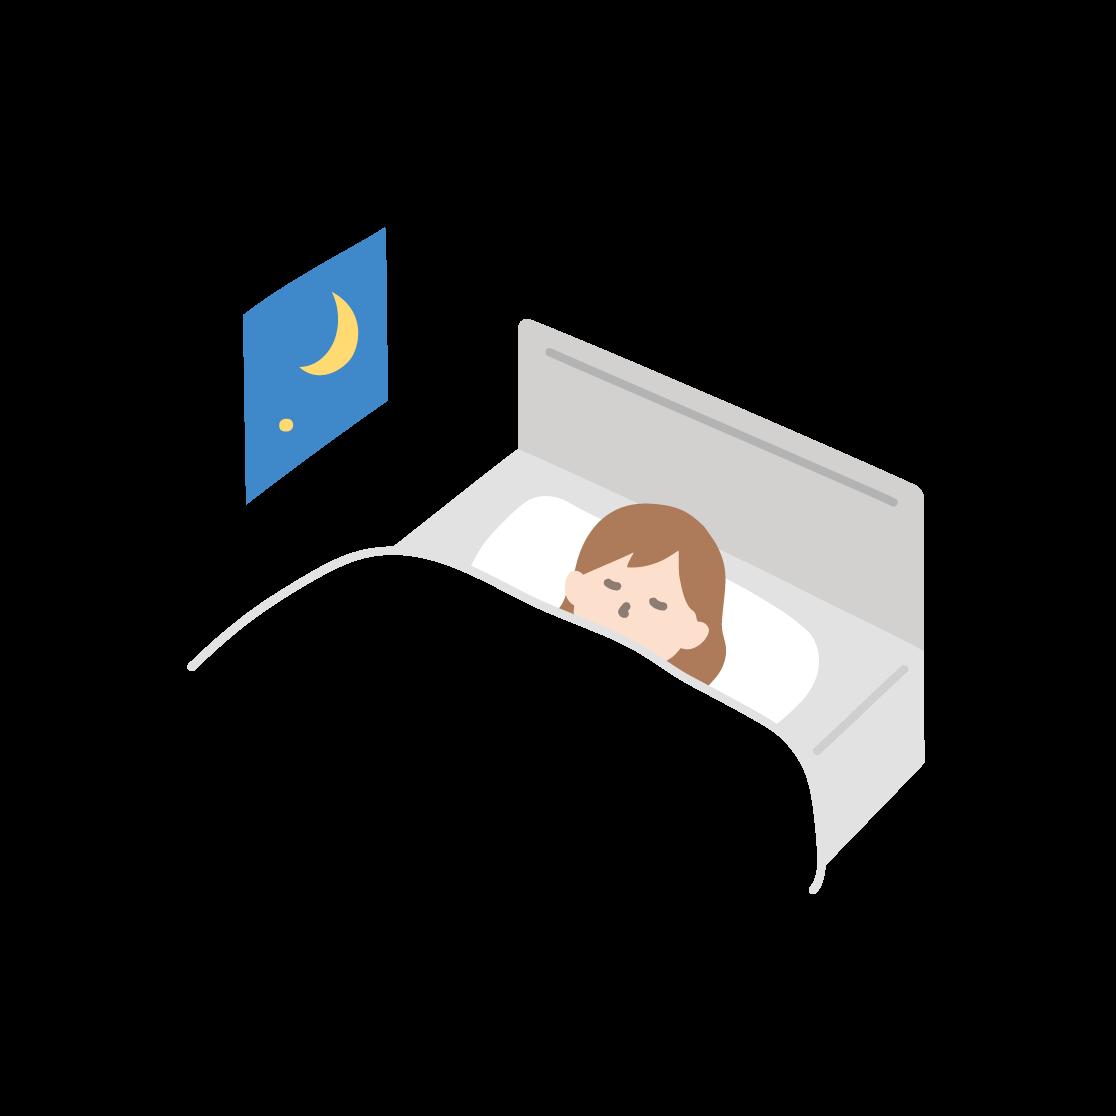 寝ている女性の塗りイラスト